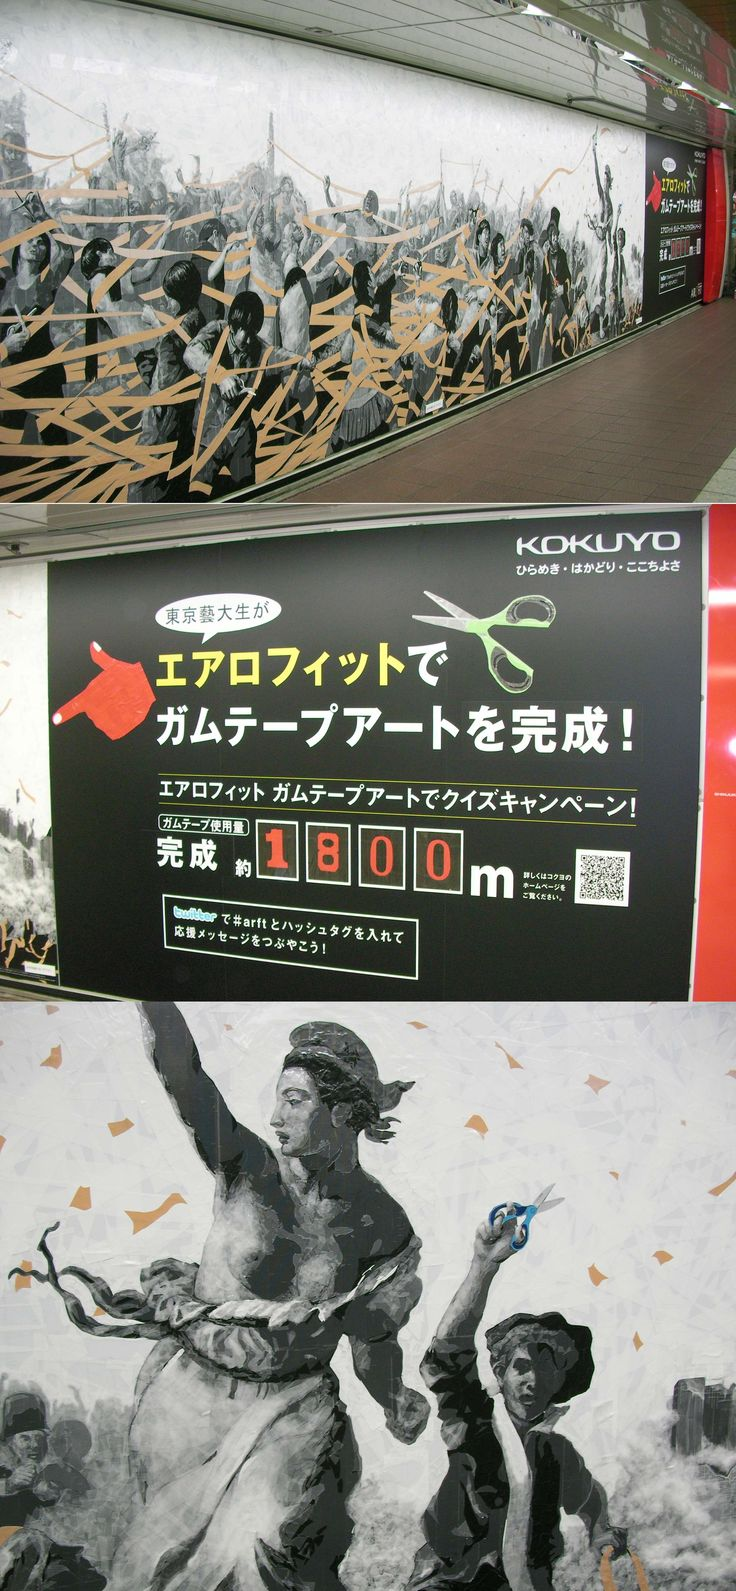 エアロフィット ガムテープ 新宿地下広告 KOKUYO 芸大生